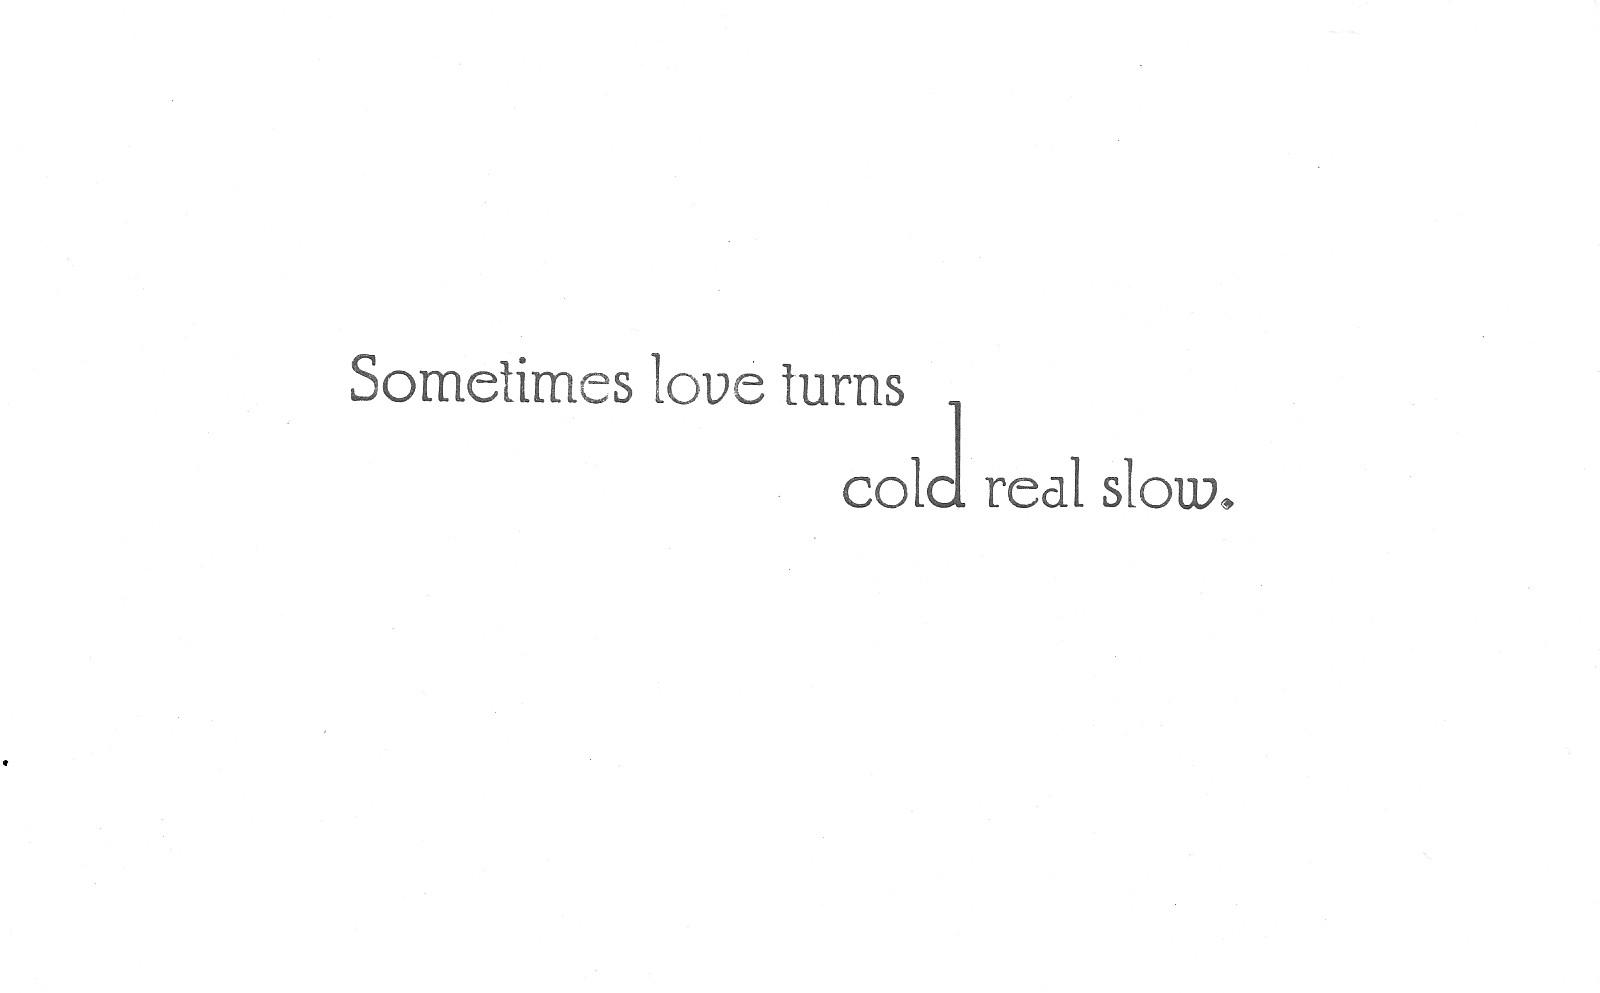 loveturnscold